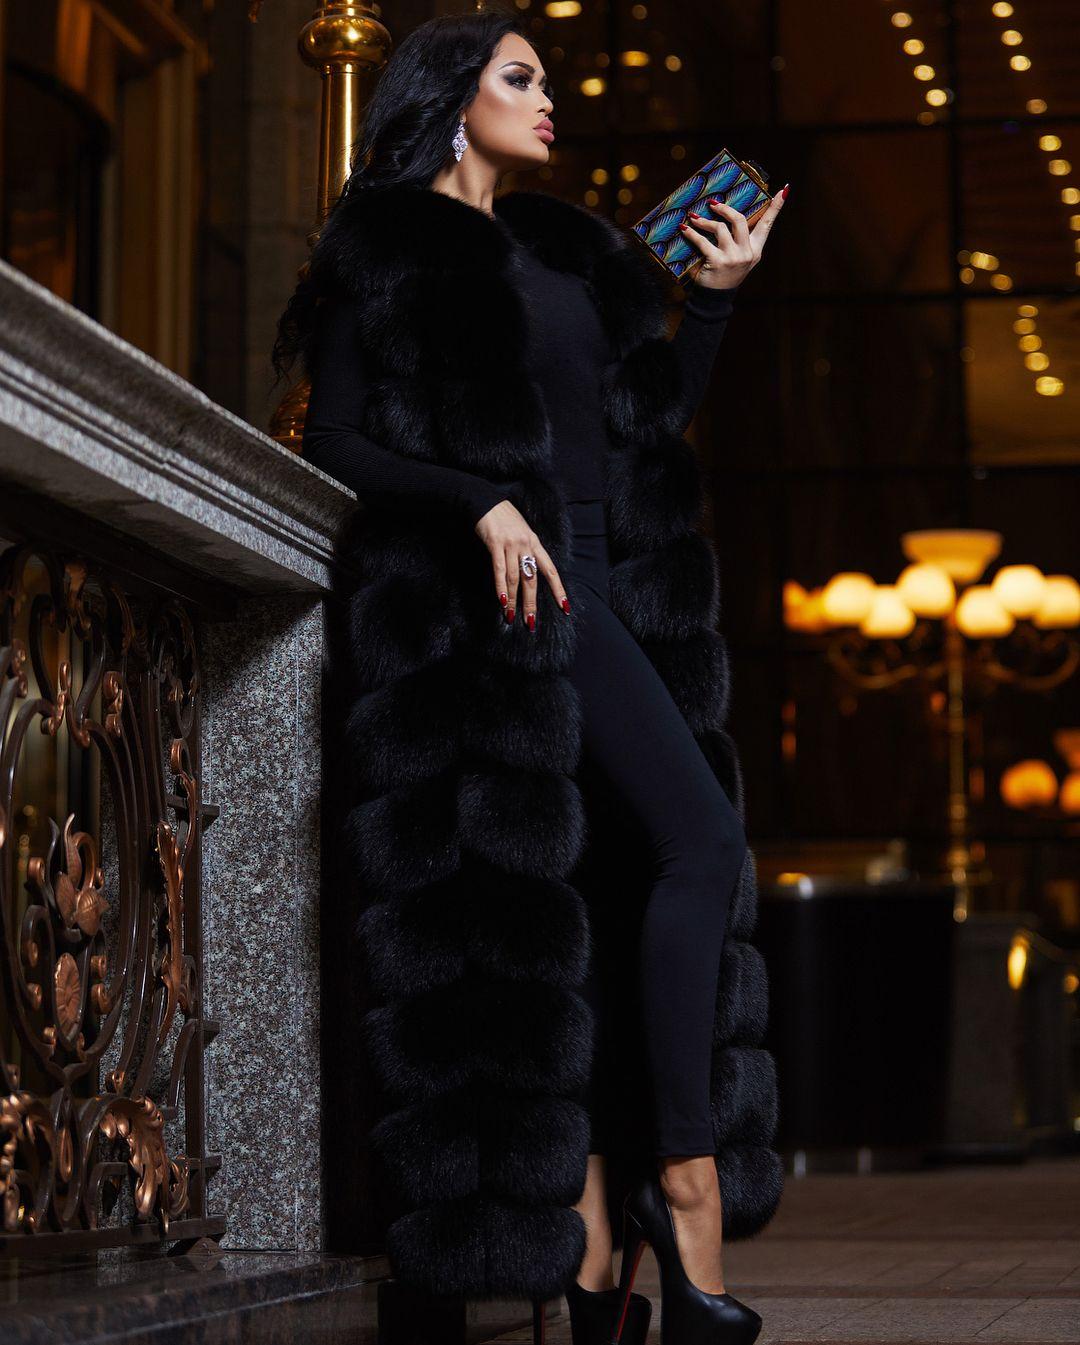 e851b9519a Pin szerzője: Roxana Russo, közzétéve itt: Roxana wonderful fur world | Fur  fashion, Fur és Coat